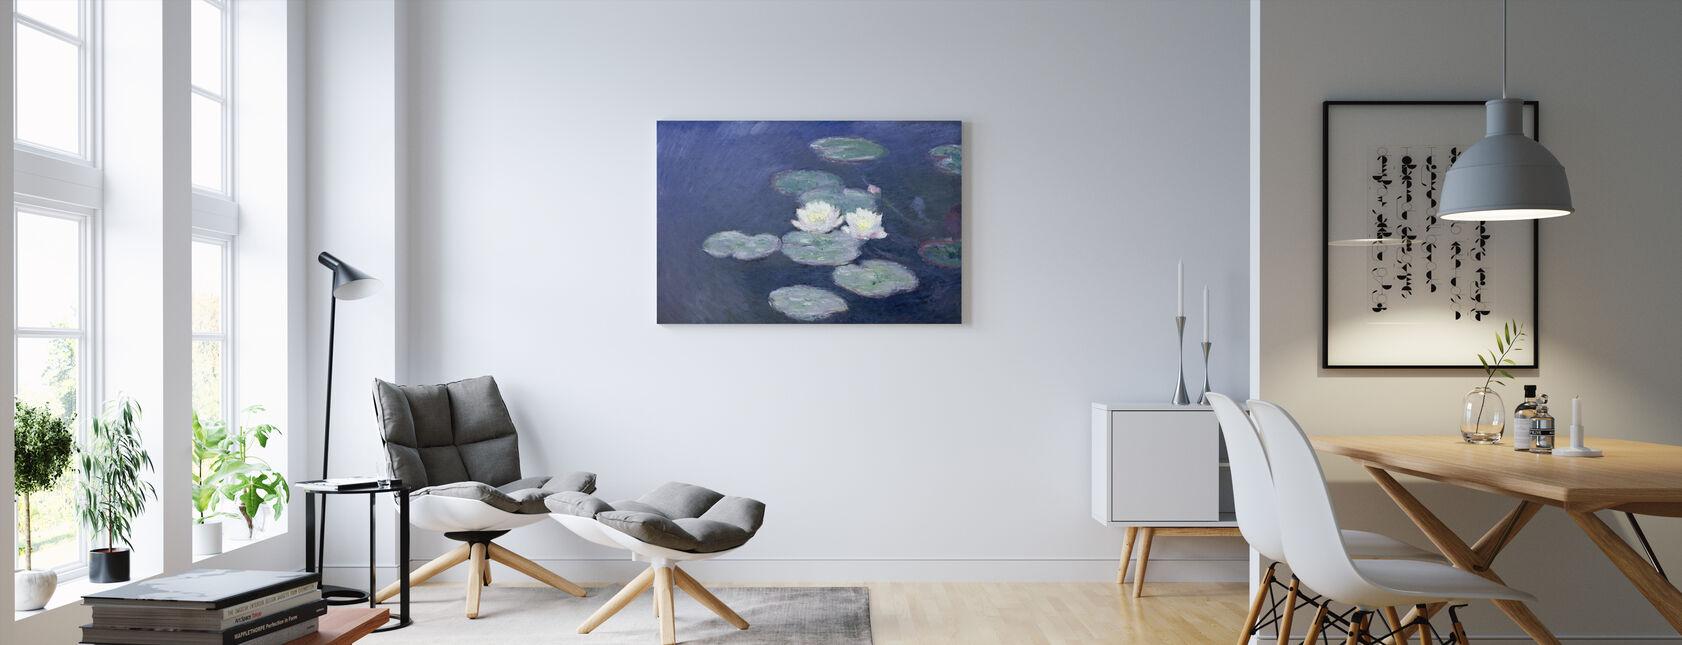 Vandliljer - Claude Monet - Billede på lærred - Stue